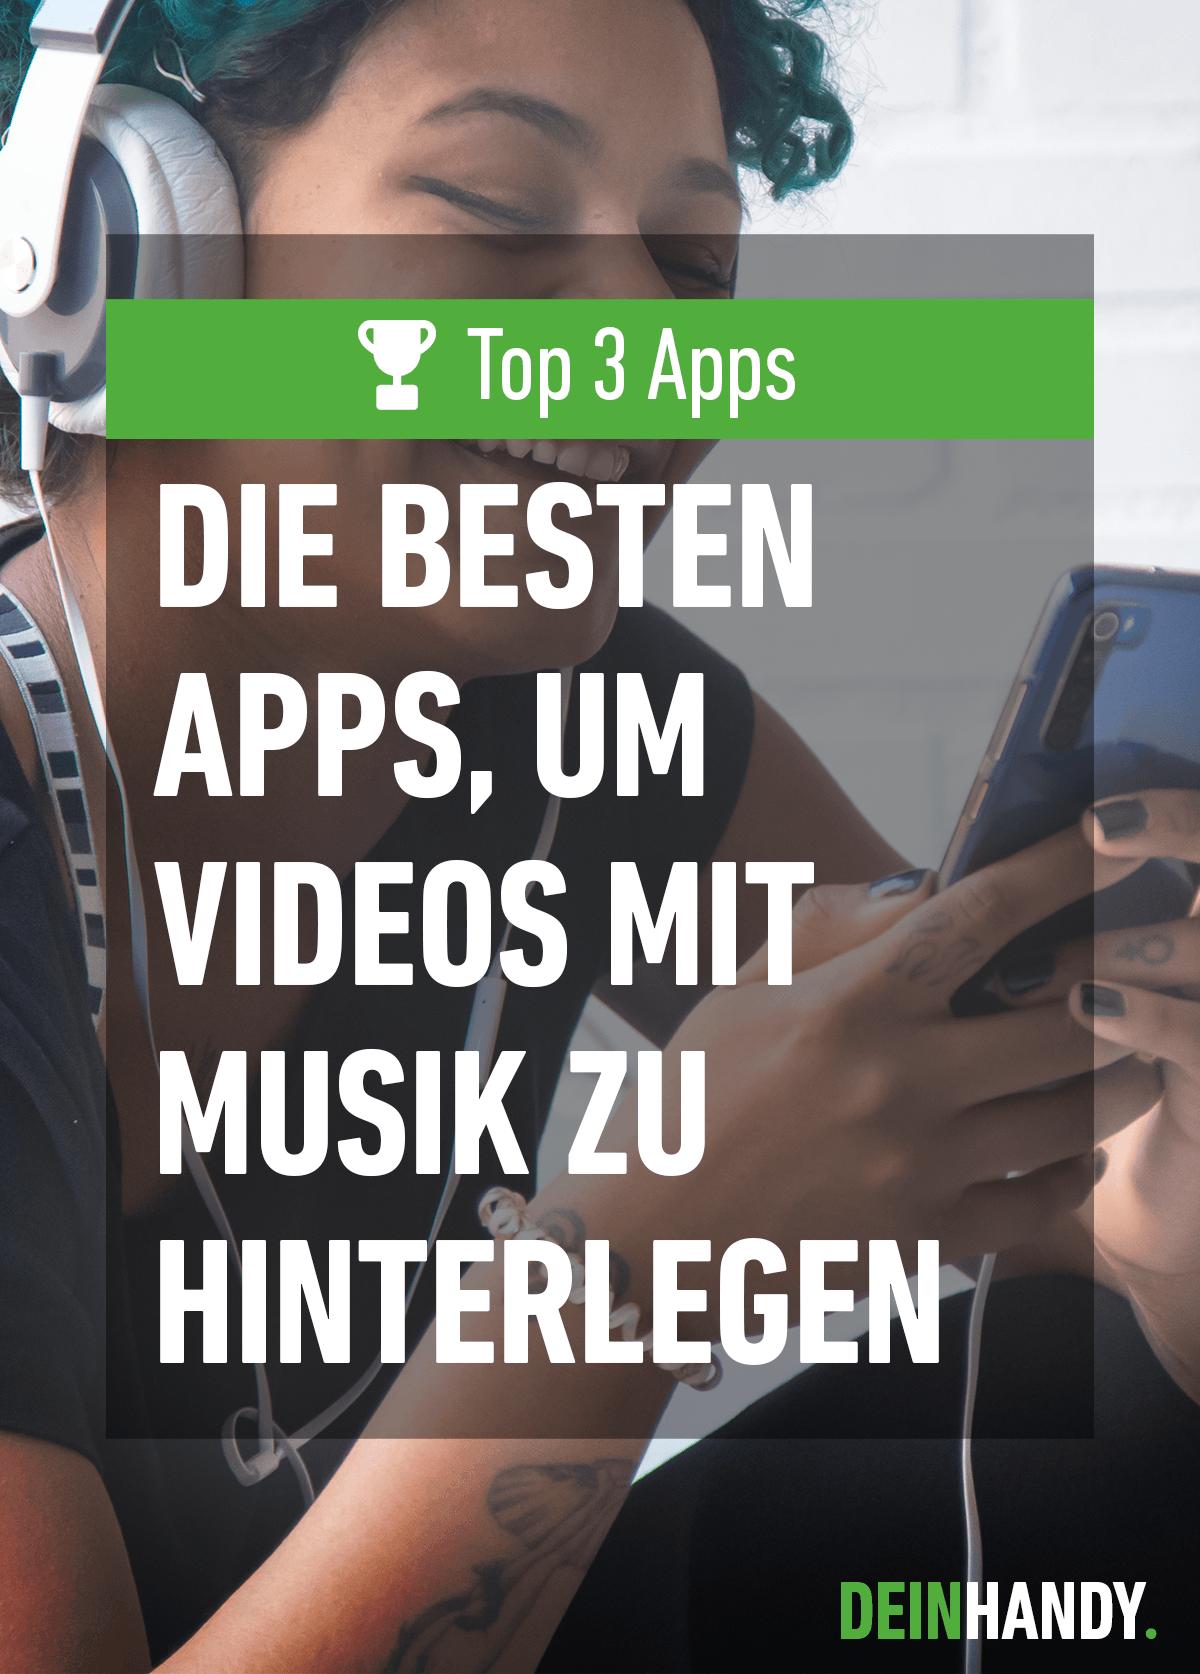 Musik In Video Einfugen 3 Kostenlose Apps Fur Android Und Ios Apps Kostenlose Apps Coole Apps